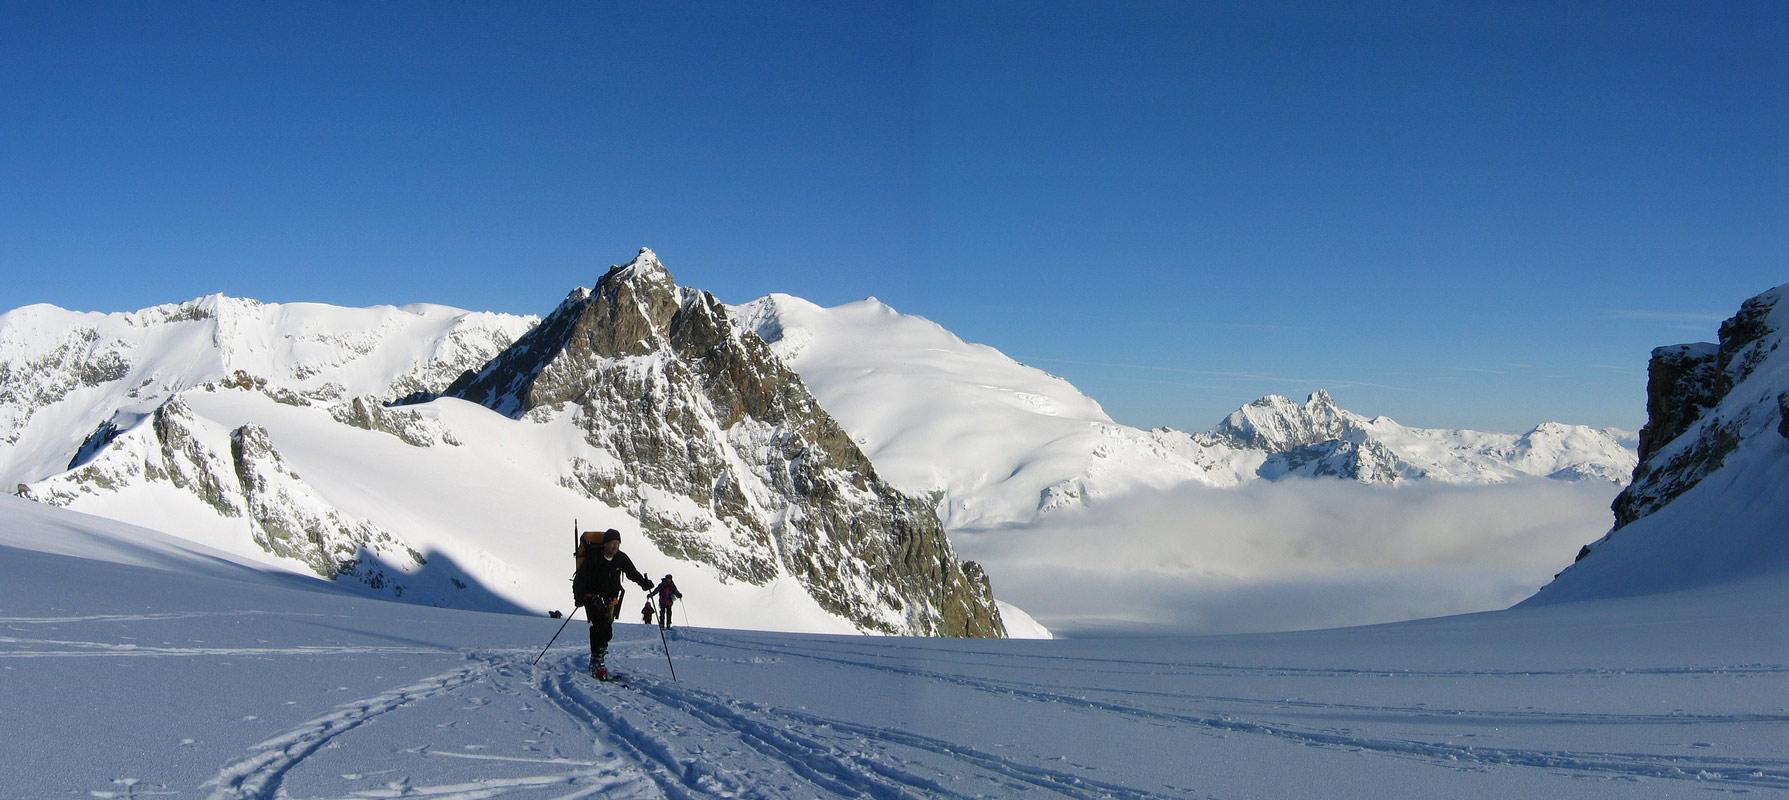 Col Valpelline, Day 6 H.R. Chamonix-Zermatt Walliser Alpen / Alpes valaisannes Schweiz panorama 25